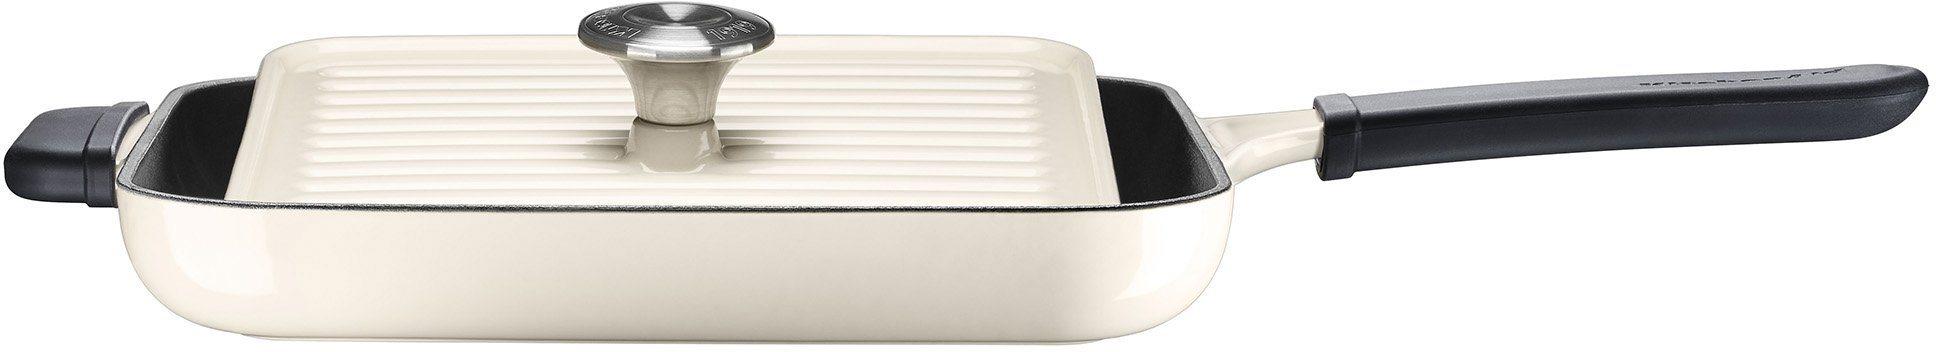 gusseisen grill preisvergleich die besten angebote online kaufen. Black Bedroom Furniture Sets. Home Design Ideas